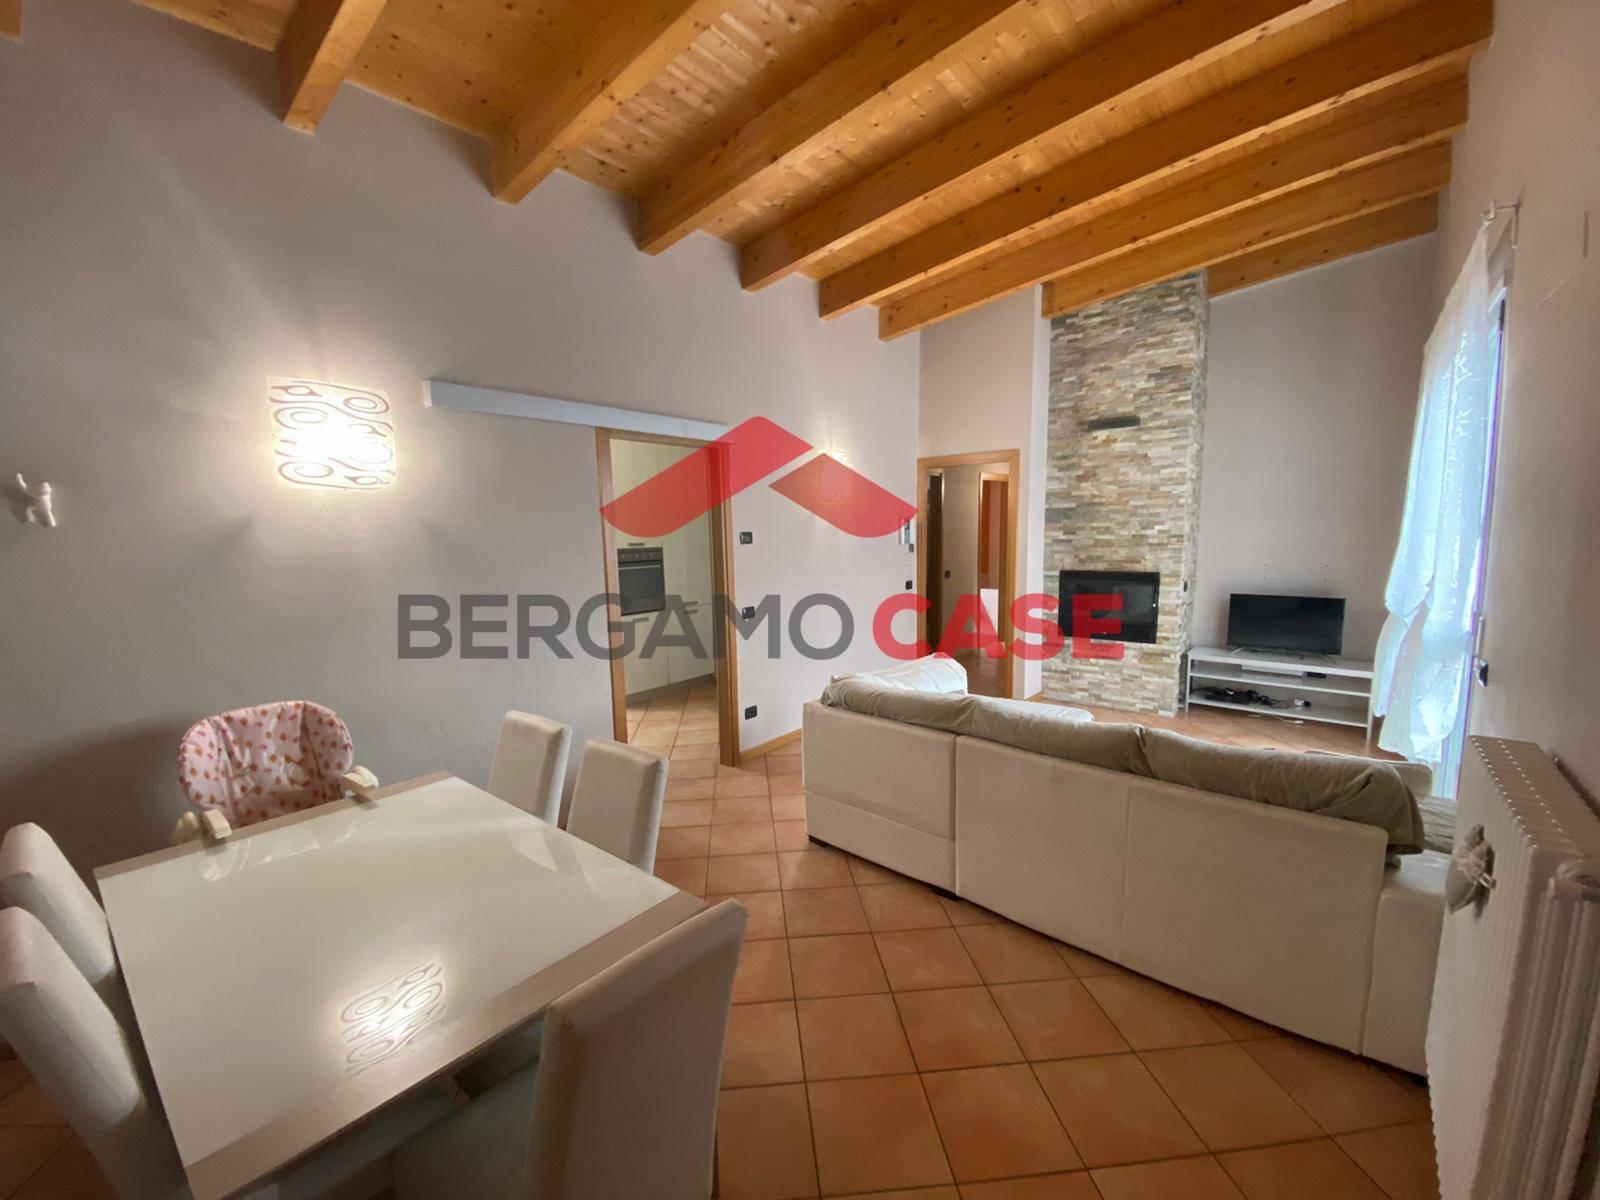 Appartamento in vendita a Scanzorosciate, 3 locali, prezzo € 149.000 | CambioCasa.it